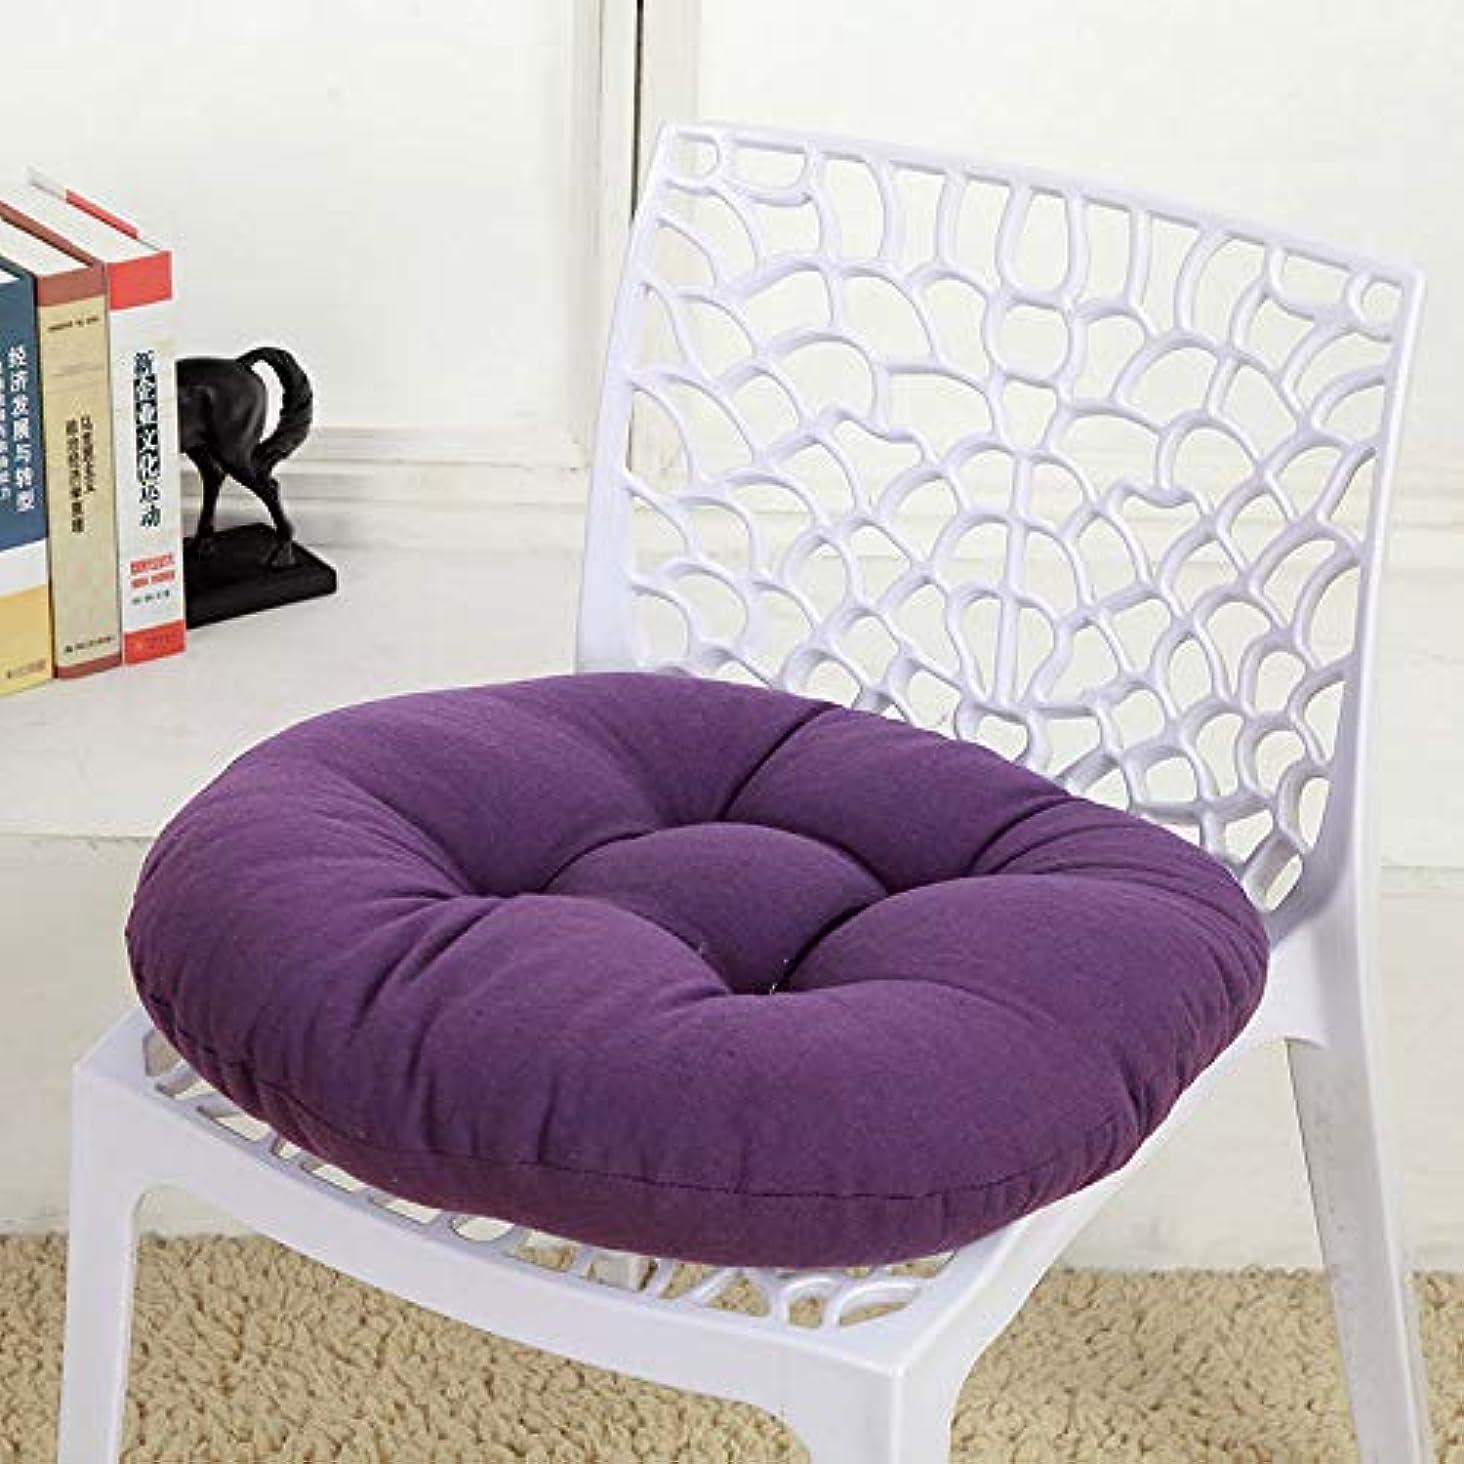 急ぐフライカイト盲信SMART キャンディカラーのクッションラウンドシートクッション波ウィンドウシートクッションクッション家の装飾パッドラウンド枕シート枕椅子座る枕 クッション 椅子